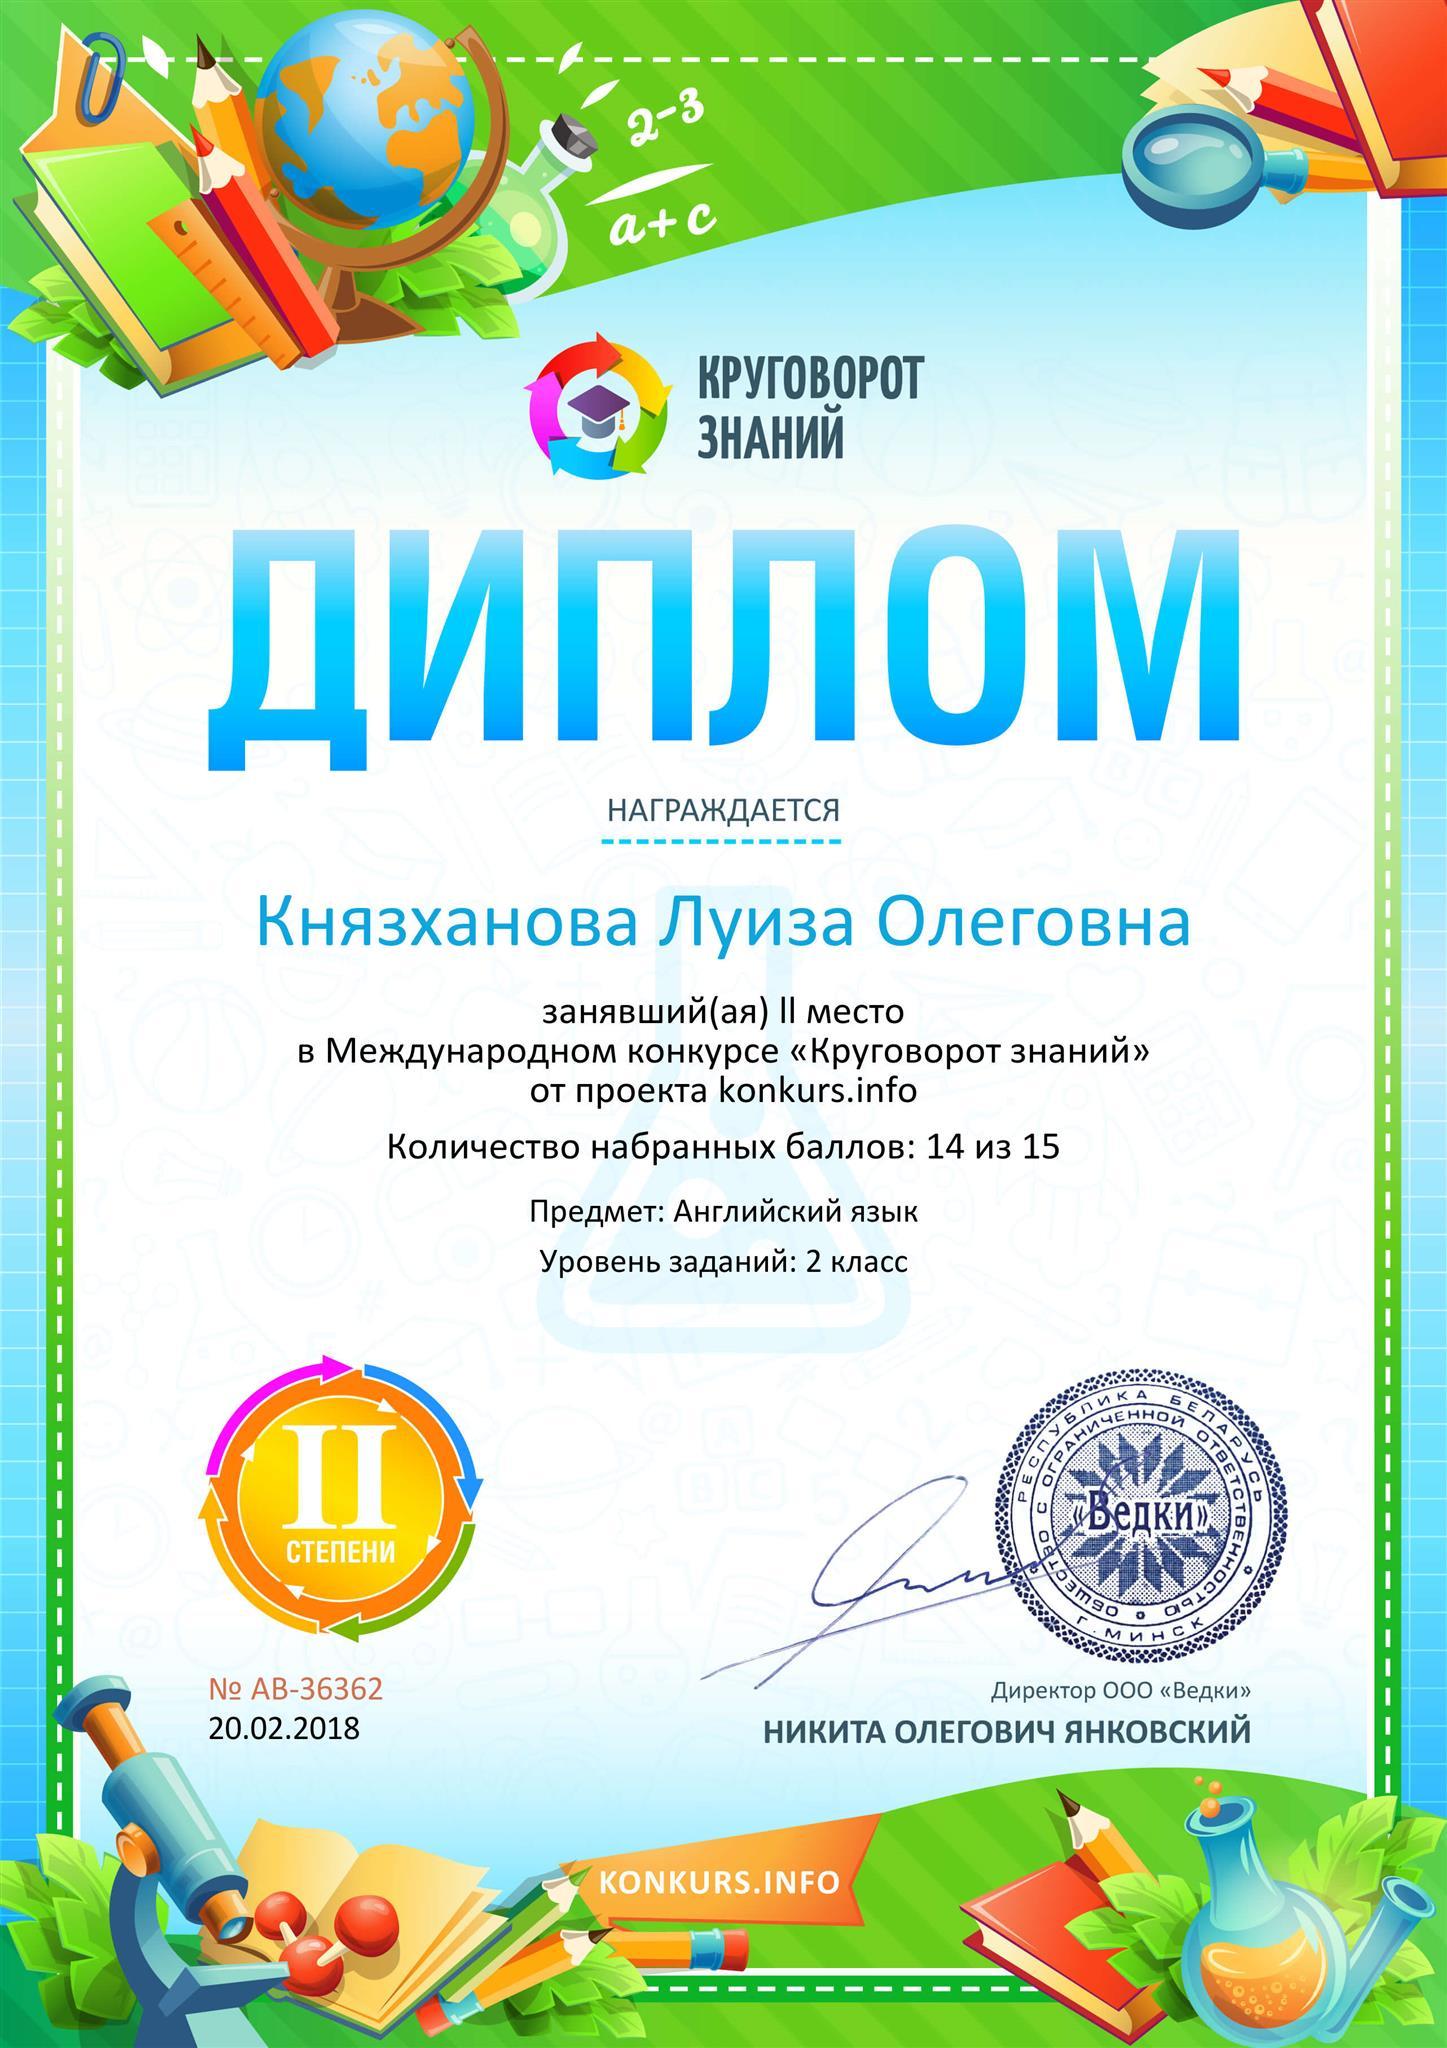 Итоги Международного конкурса по английскому языку «Круговорот знаний»